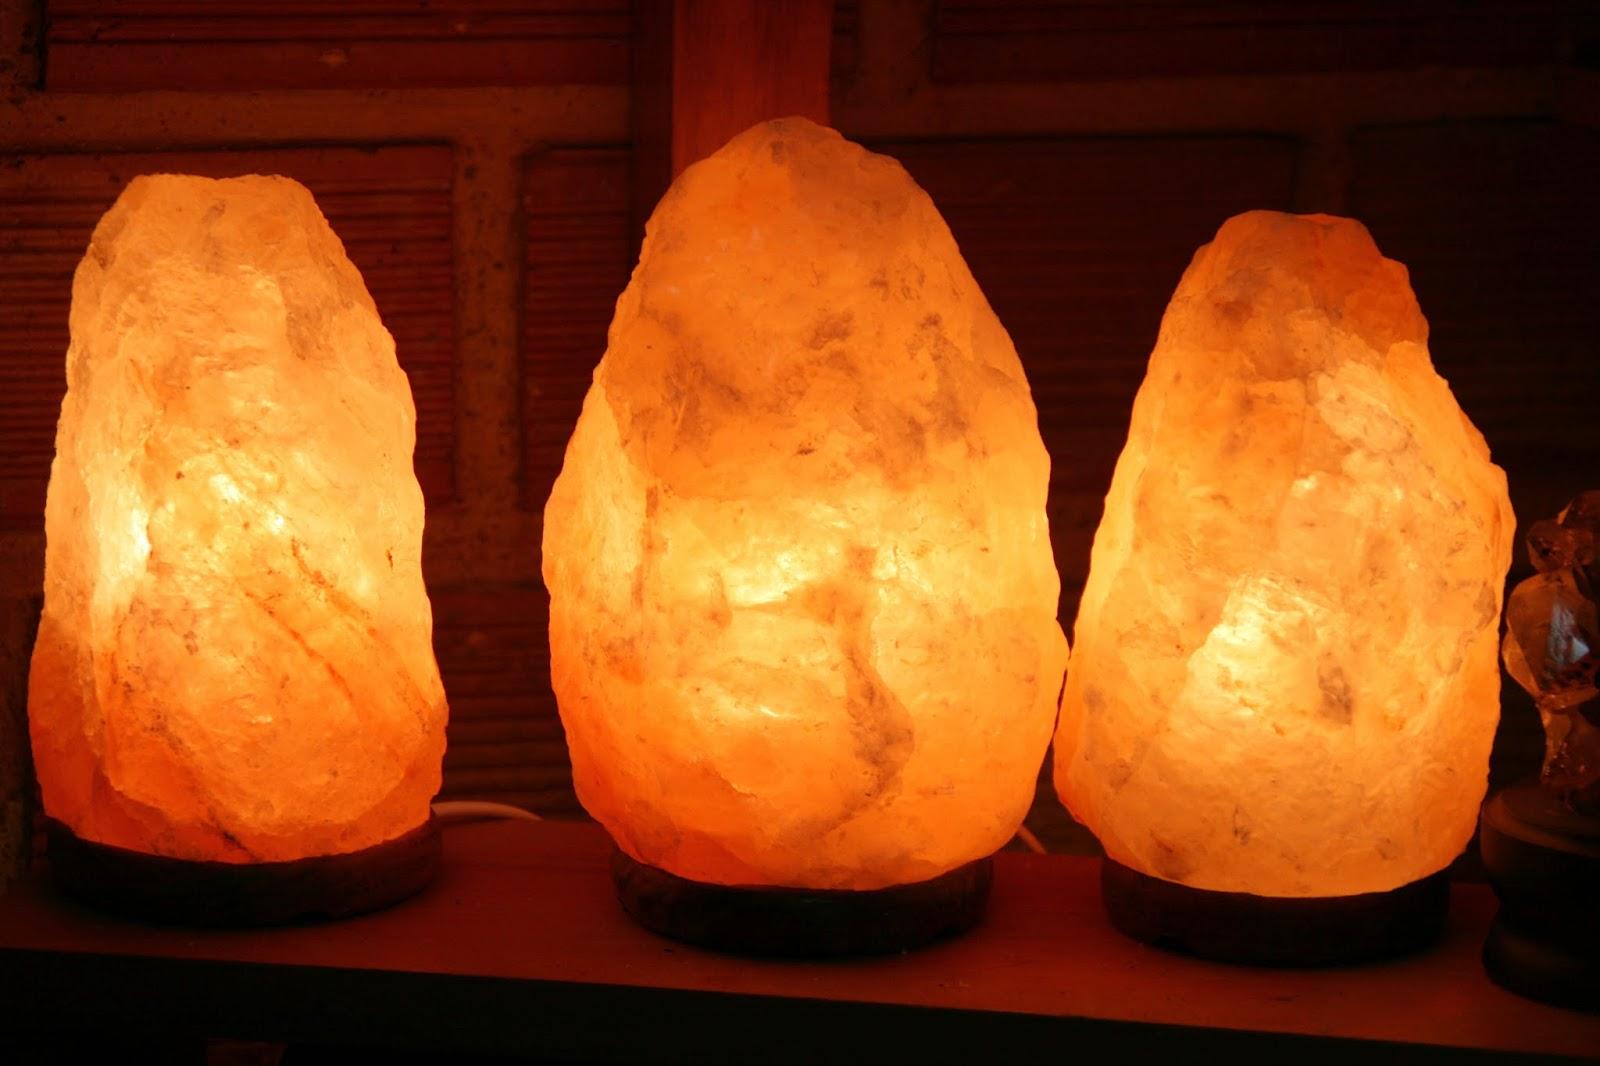 L mparas de sal del himalaya aw lux costa rica aw lux - Lamparas de sal para que sirven ...